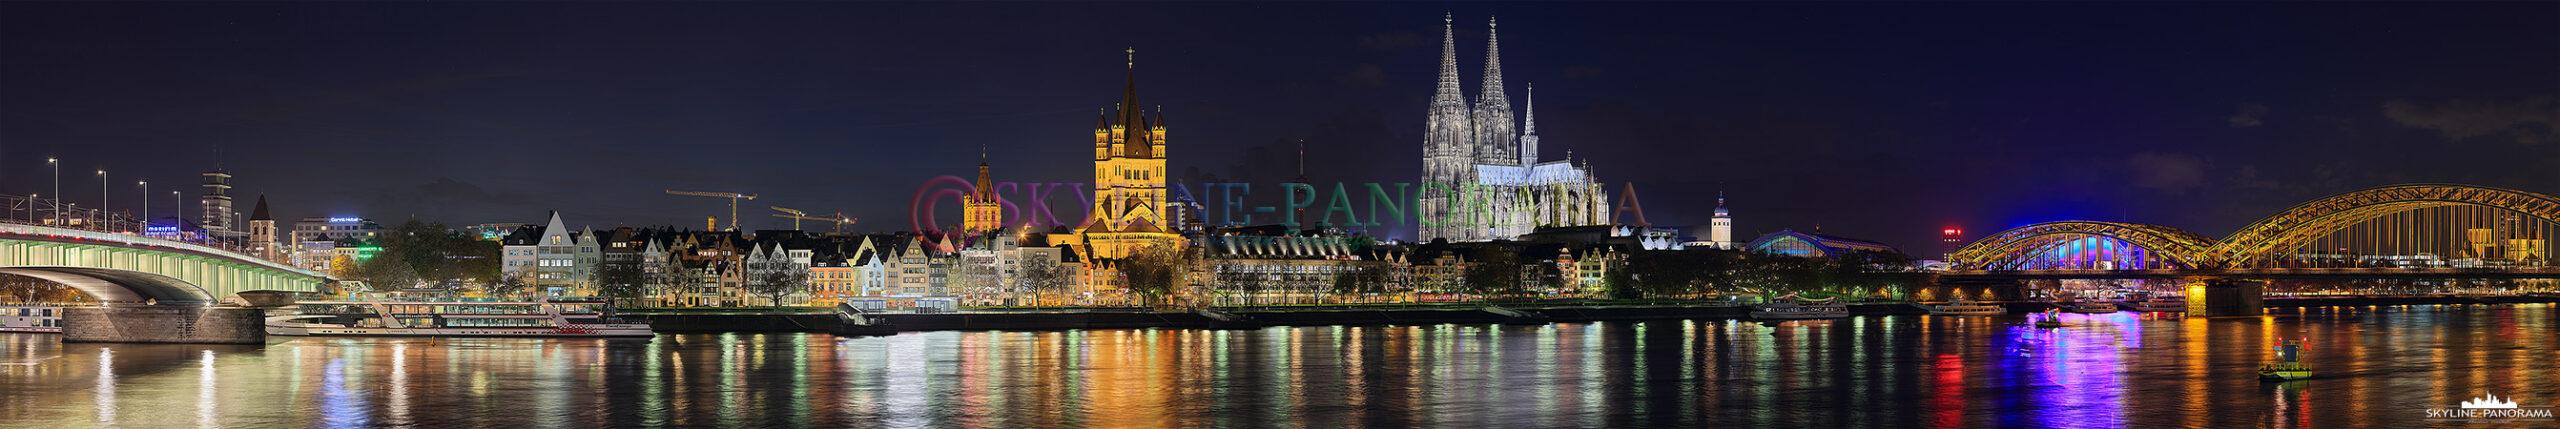 Skyline von Rheinufer - Das Panorama zeigt den Blick auf die Kölner Altstadt Silhouette vom Rheinufer zwischen der Deutzer Brücke und Hohenzollernbrücke. Dieses Panorama ist auf Grund einer hohen Auflösung von 8.768 x 52.301 Pixel sehr gut für den Druck als Großformat von mehreren Metern Länge geeignet.